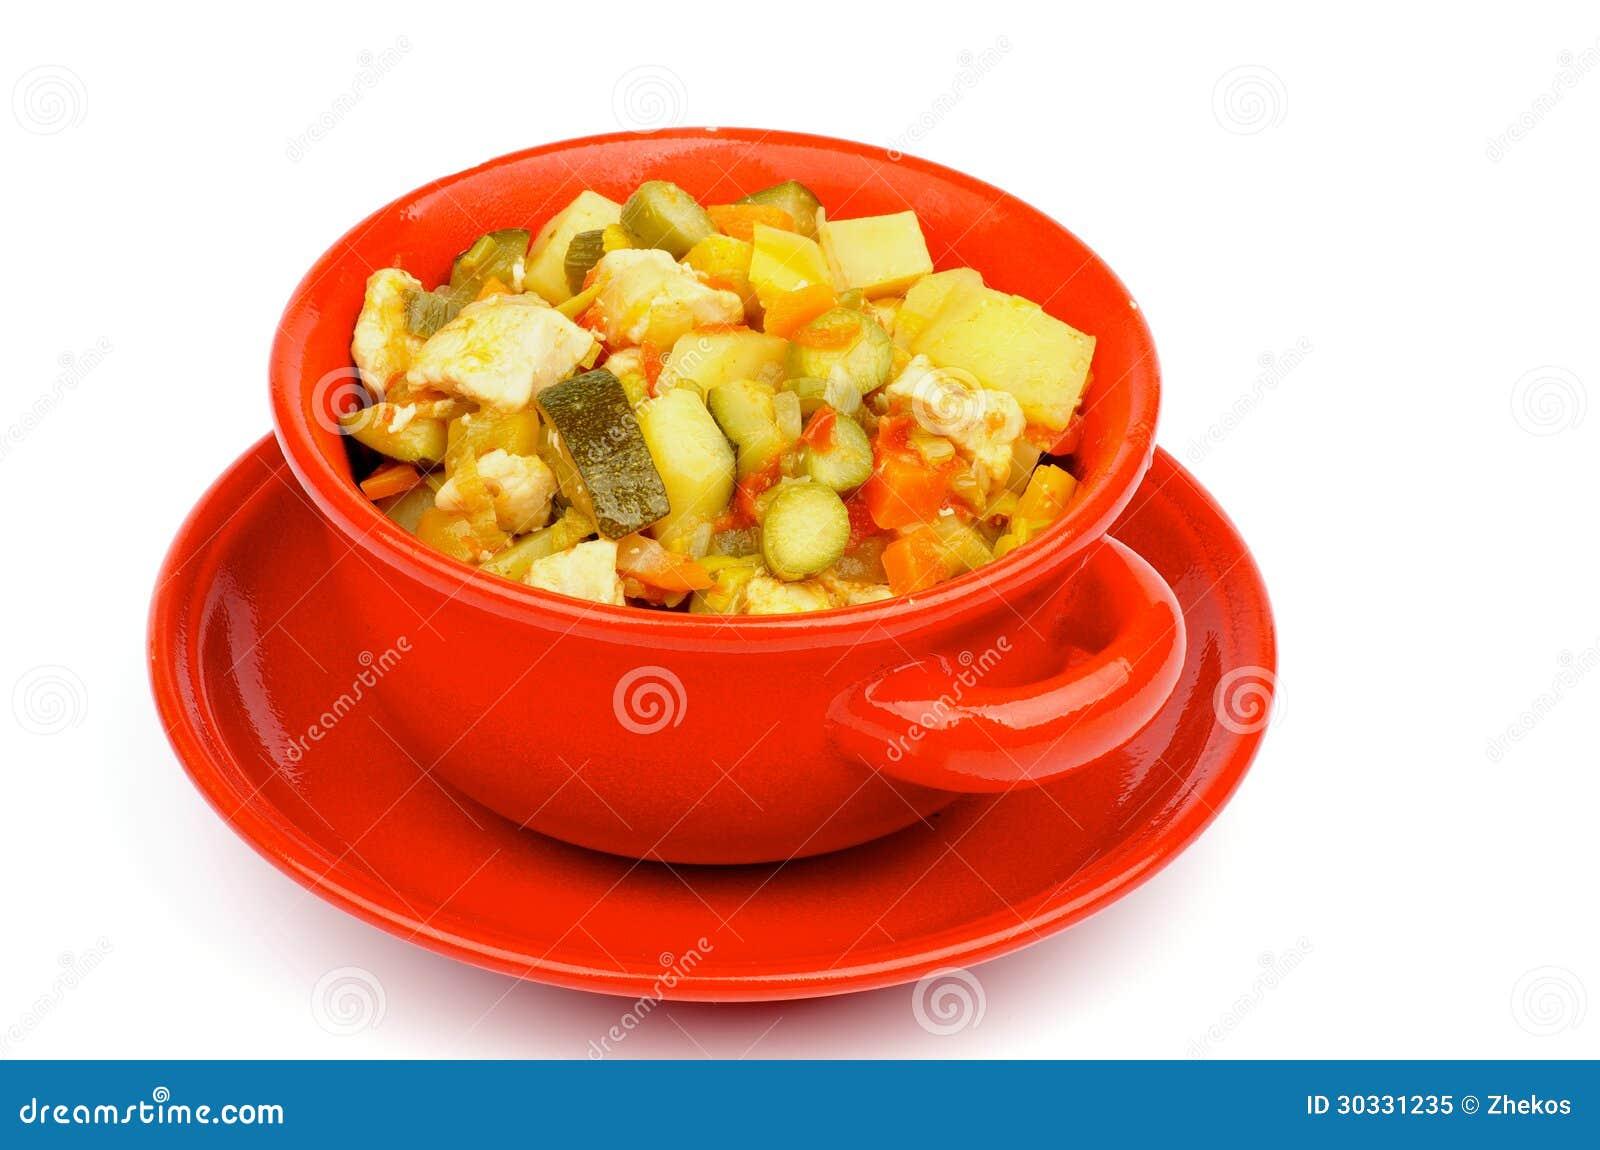 菜和鸡蔬菜炖肉